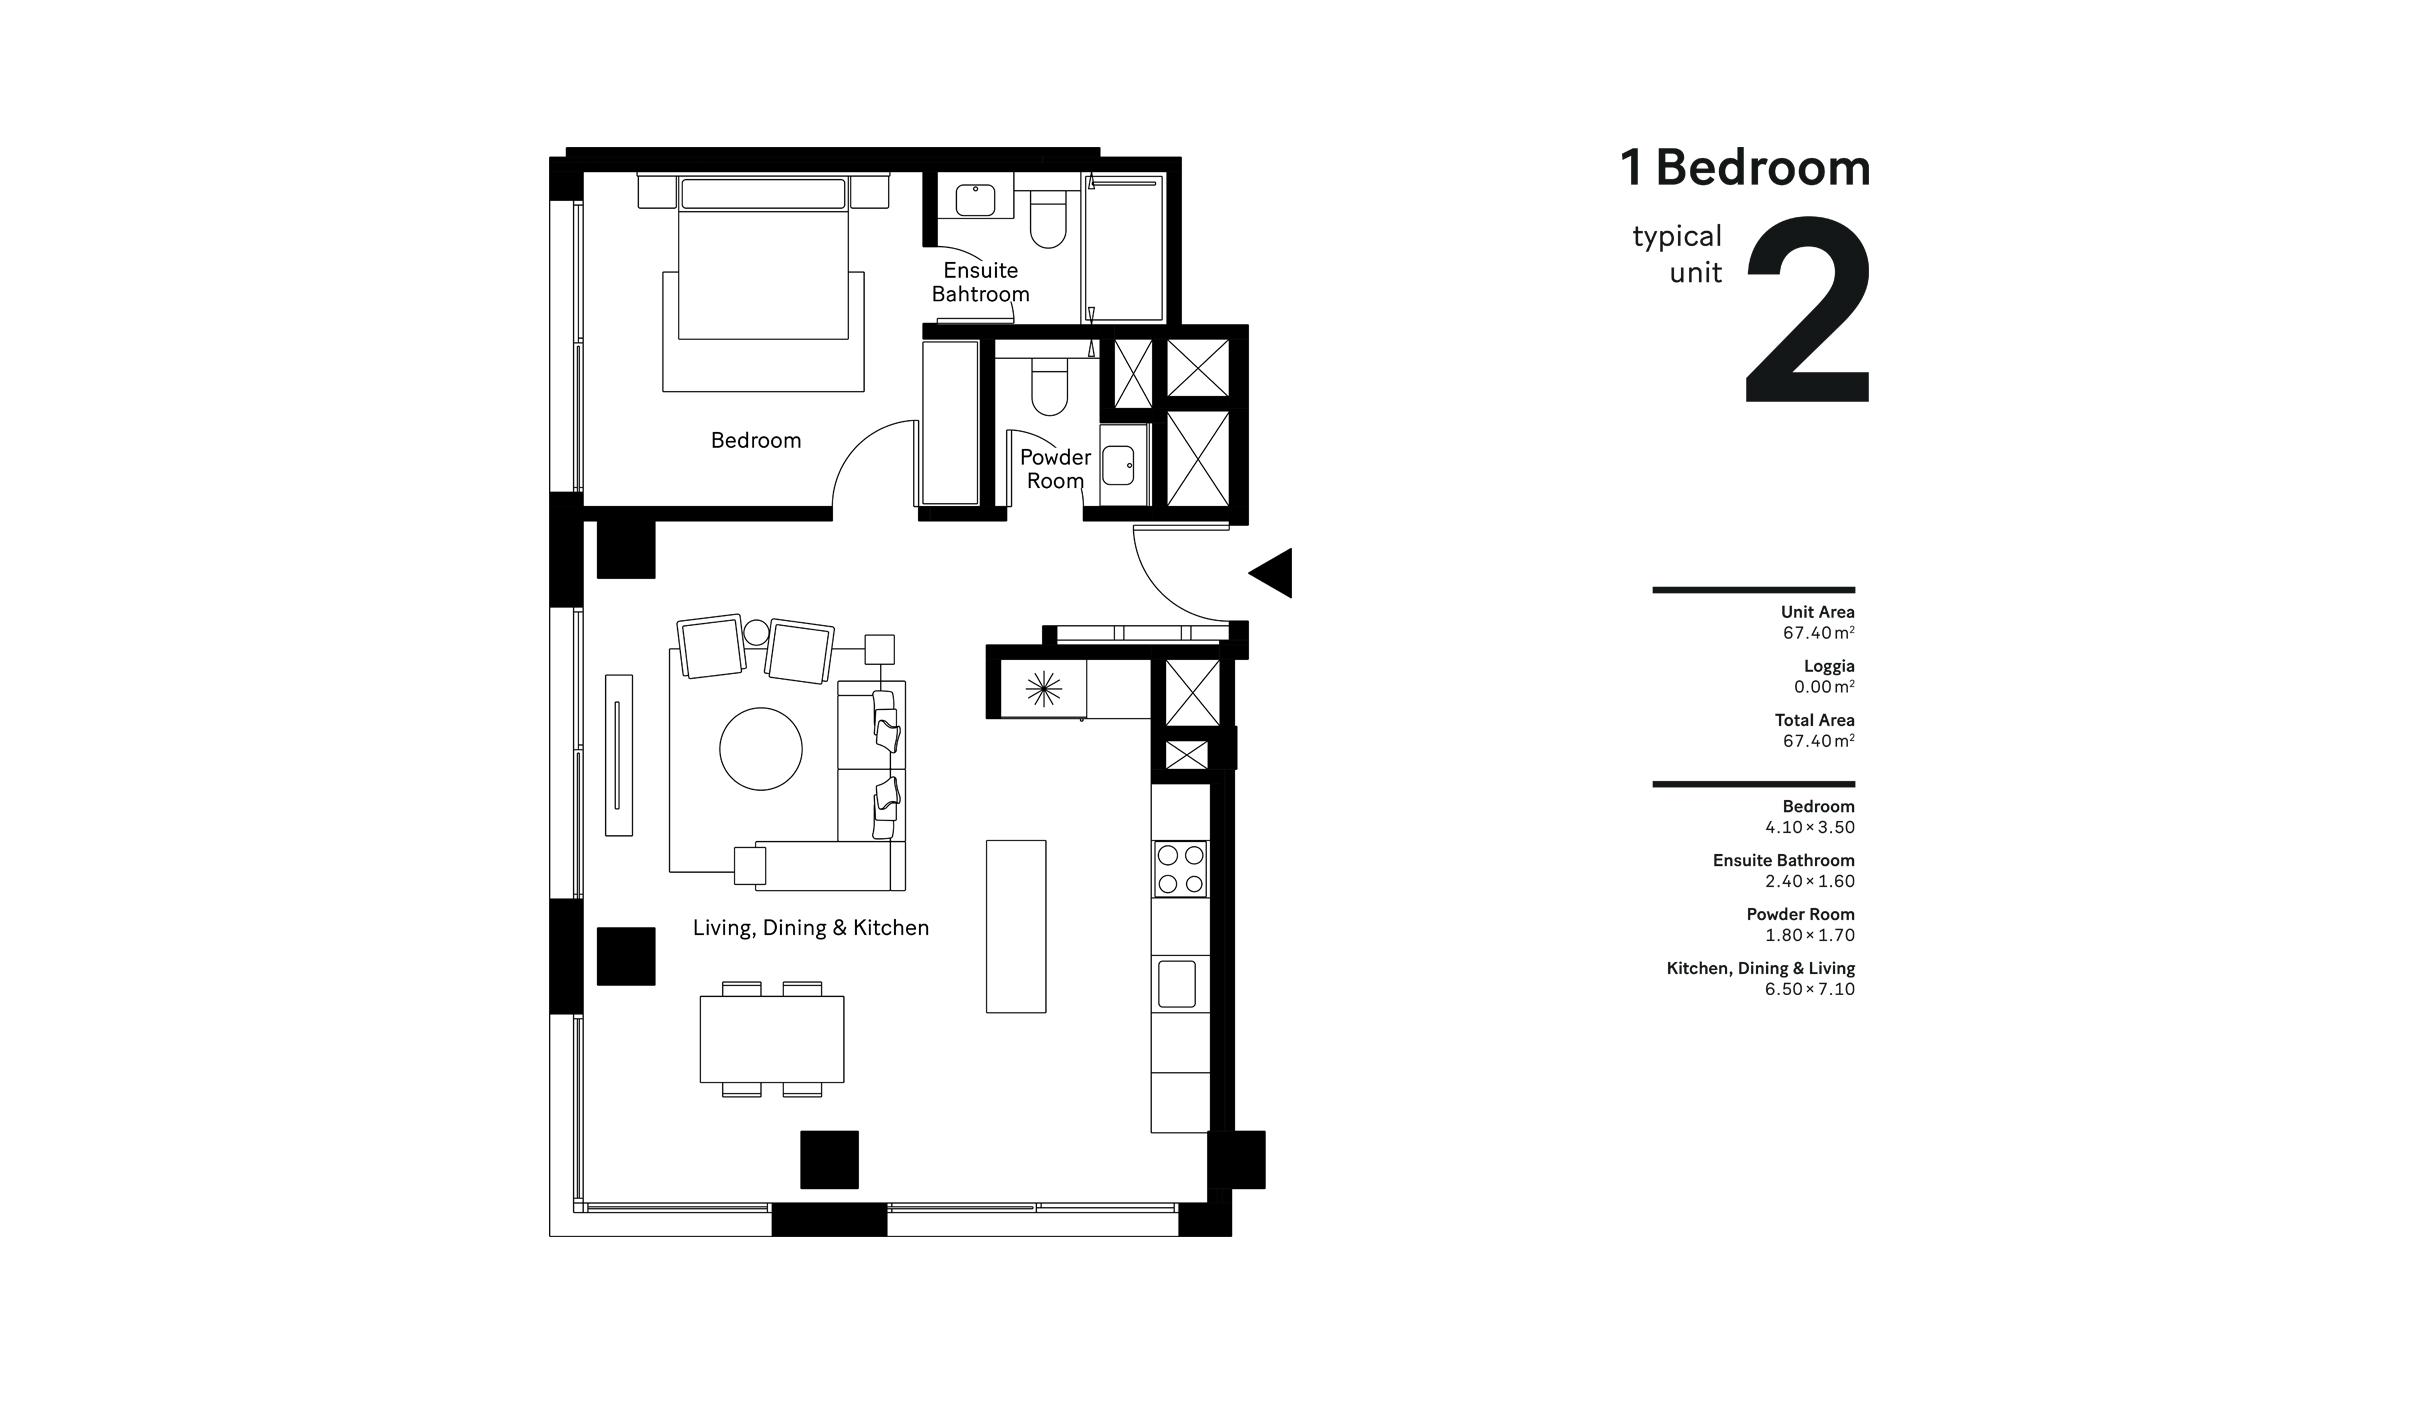 غرفة نوم واحدة، وحدة نموذجية 2، حجم 67.40 متر مربع